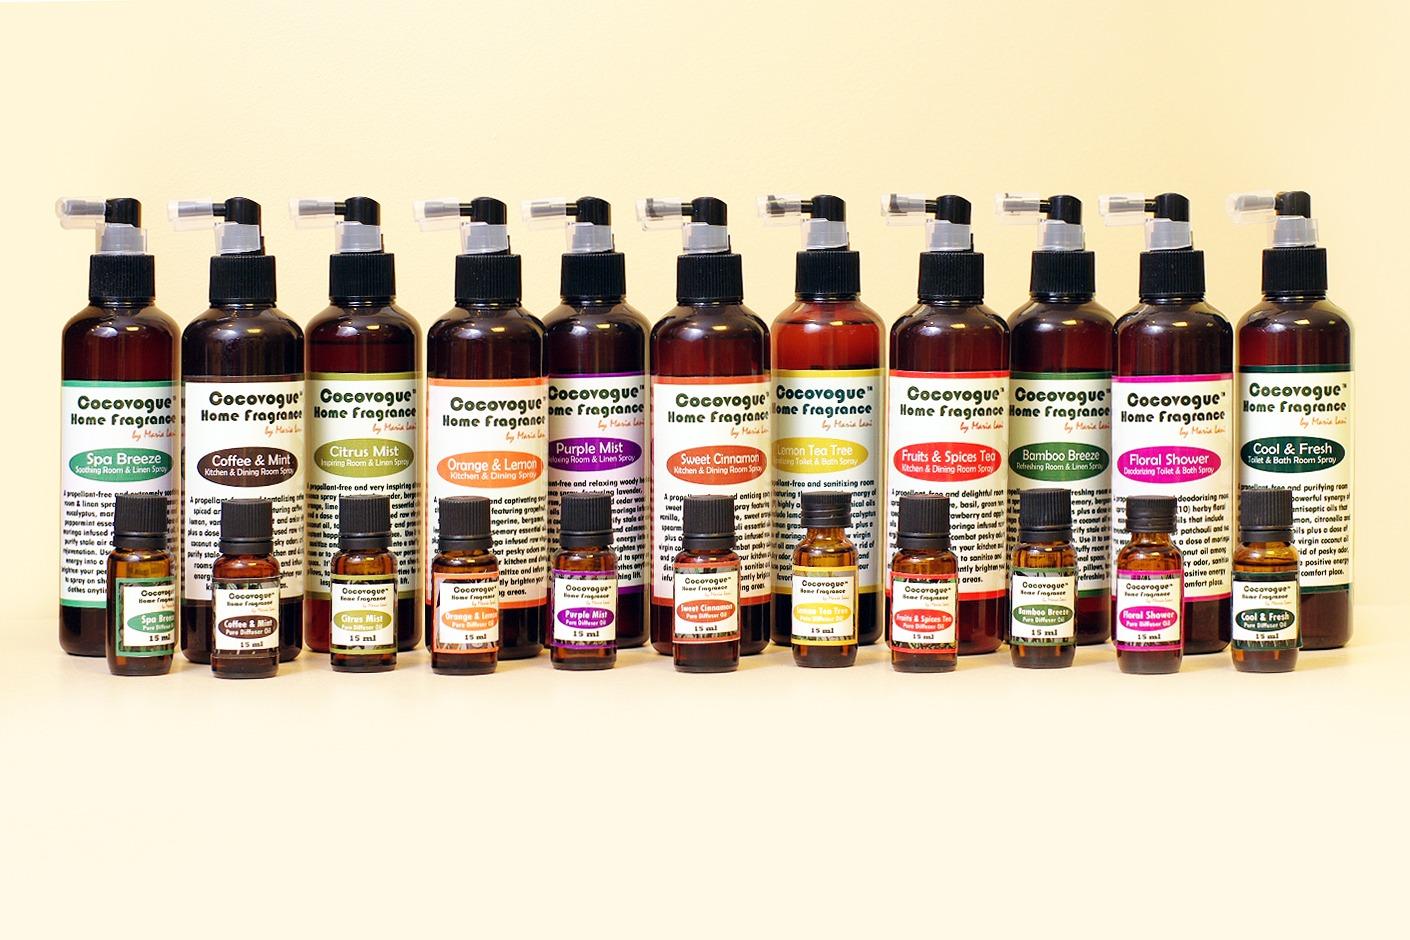 Cocovogue Wellness Suite Room Sprays